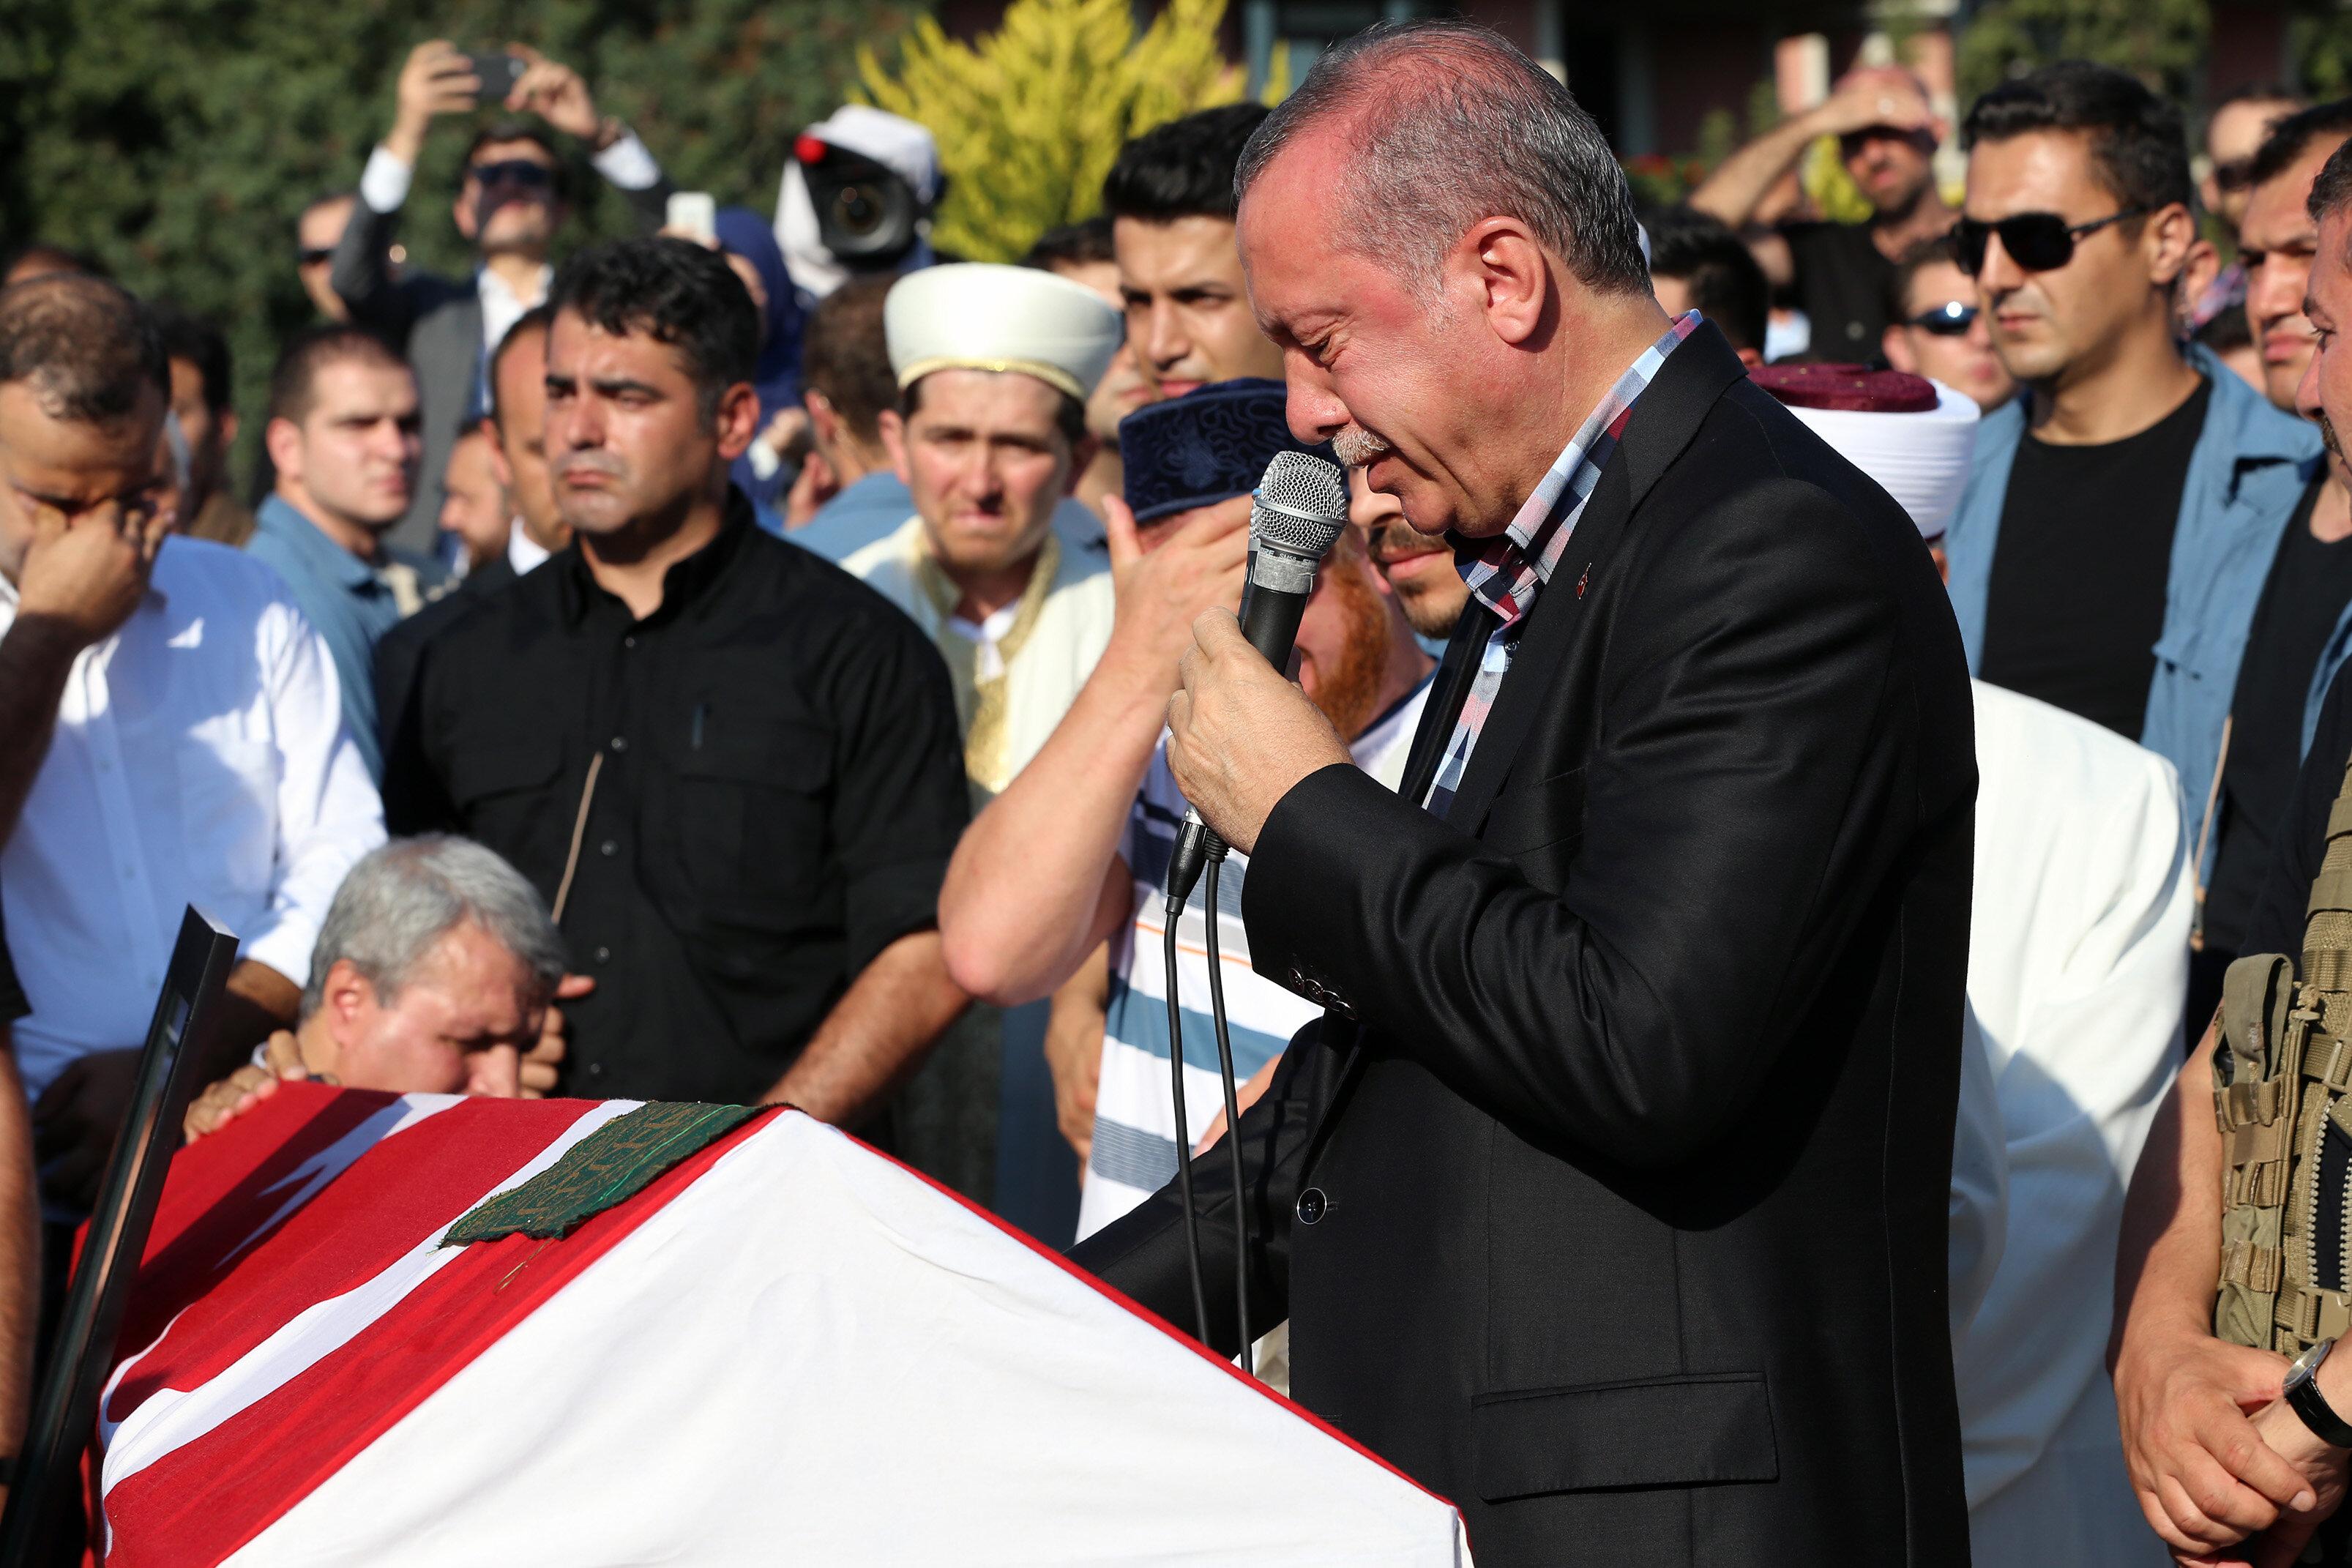 Cenaze namazından önce konuşma yapan Cumhurbaşkanı Erdoğan göz yaşlarını tutamadı.